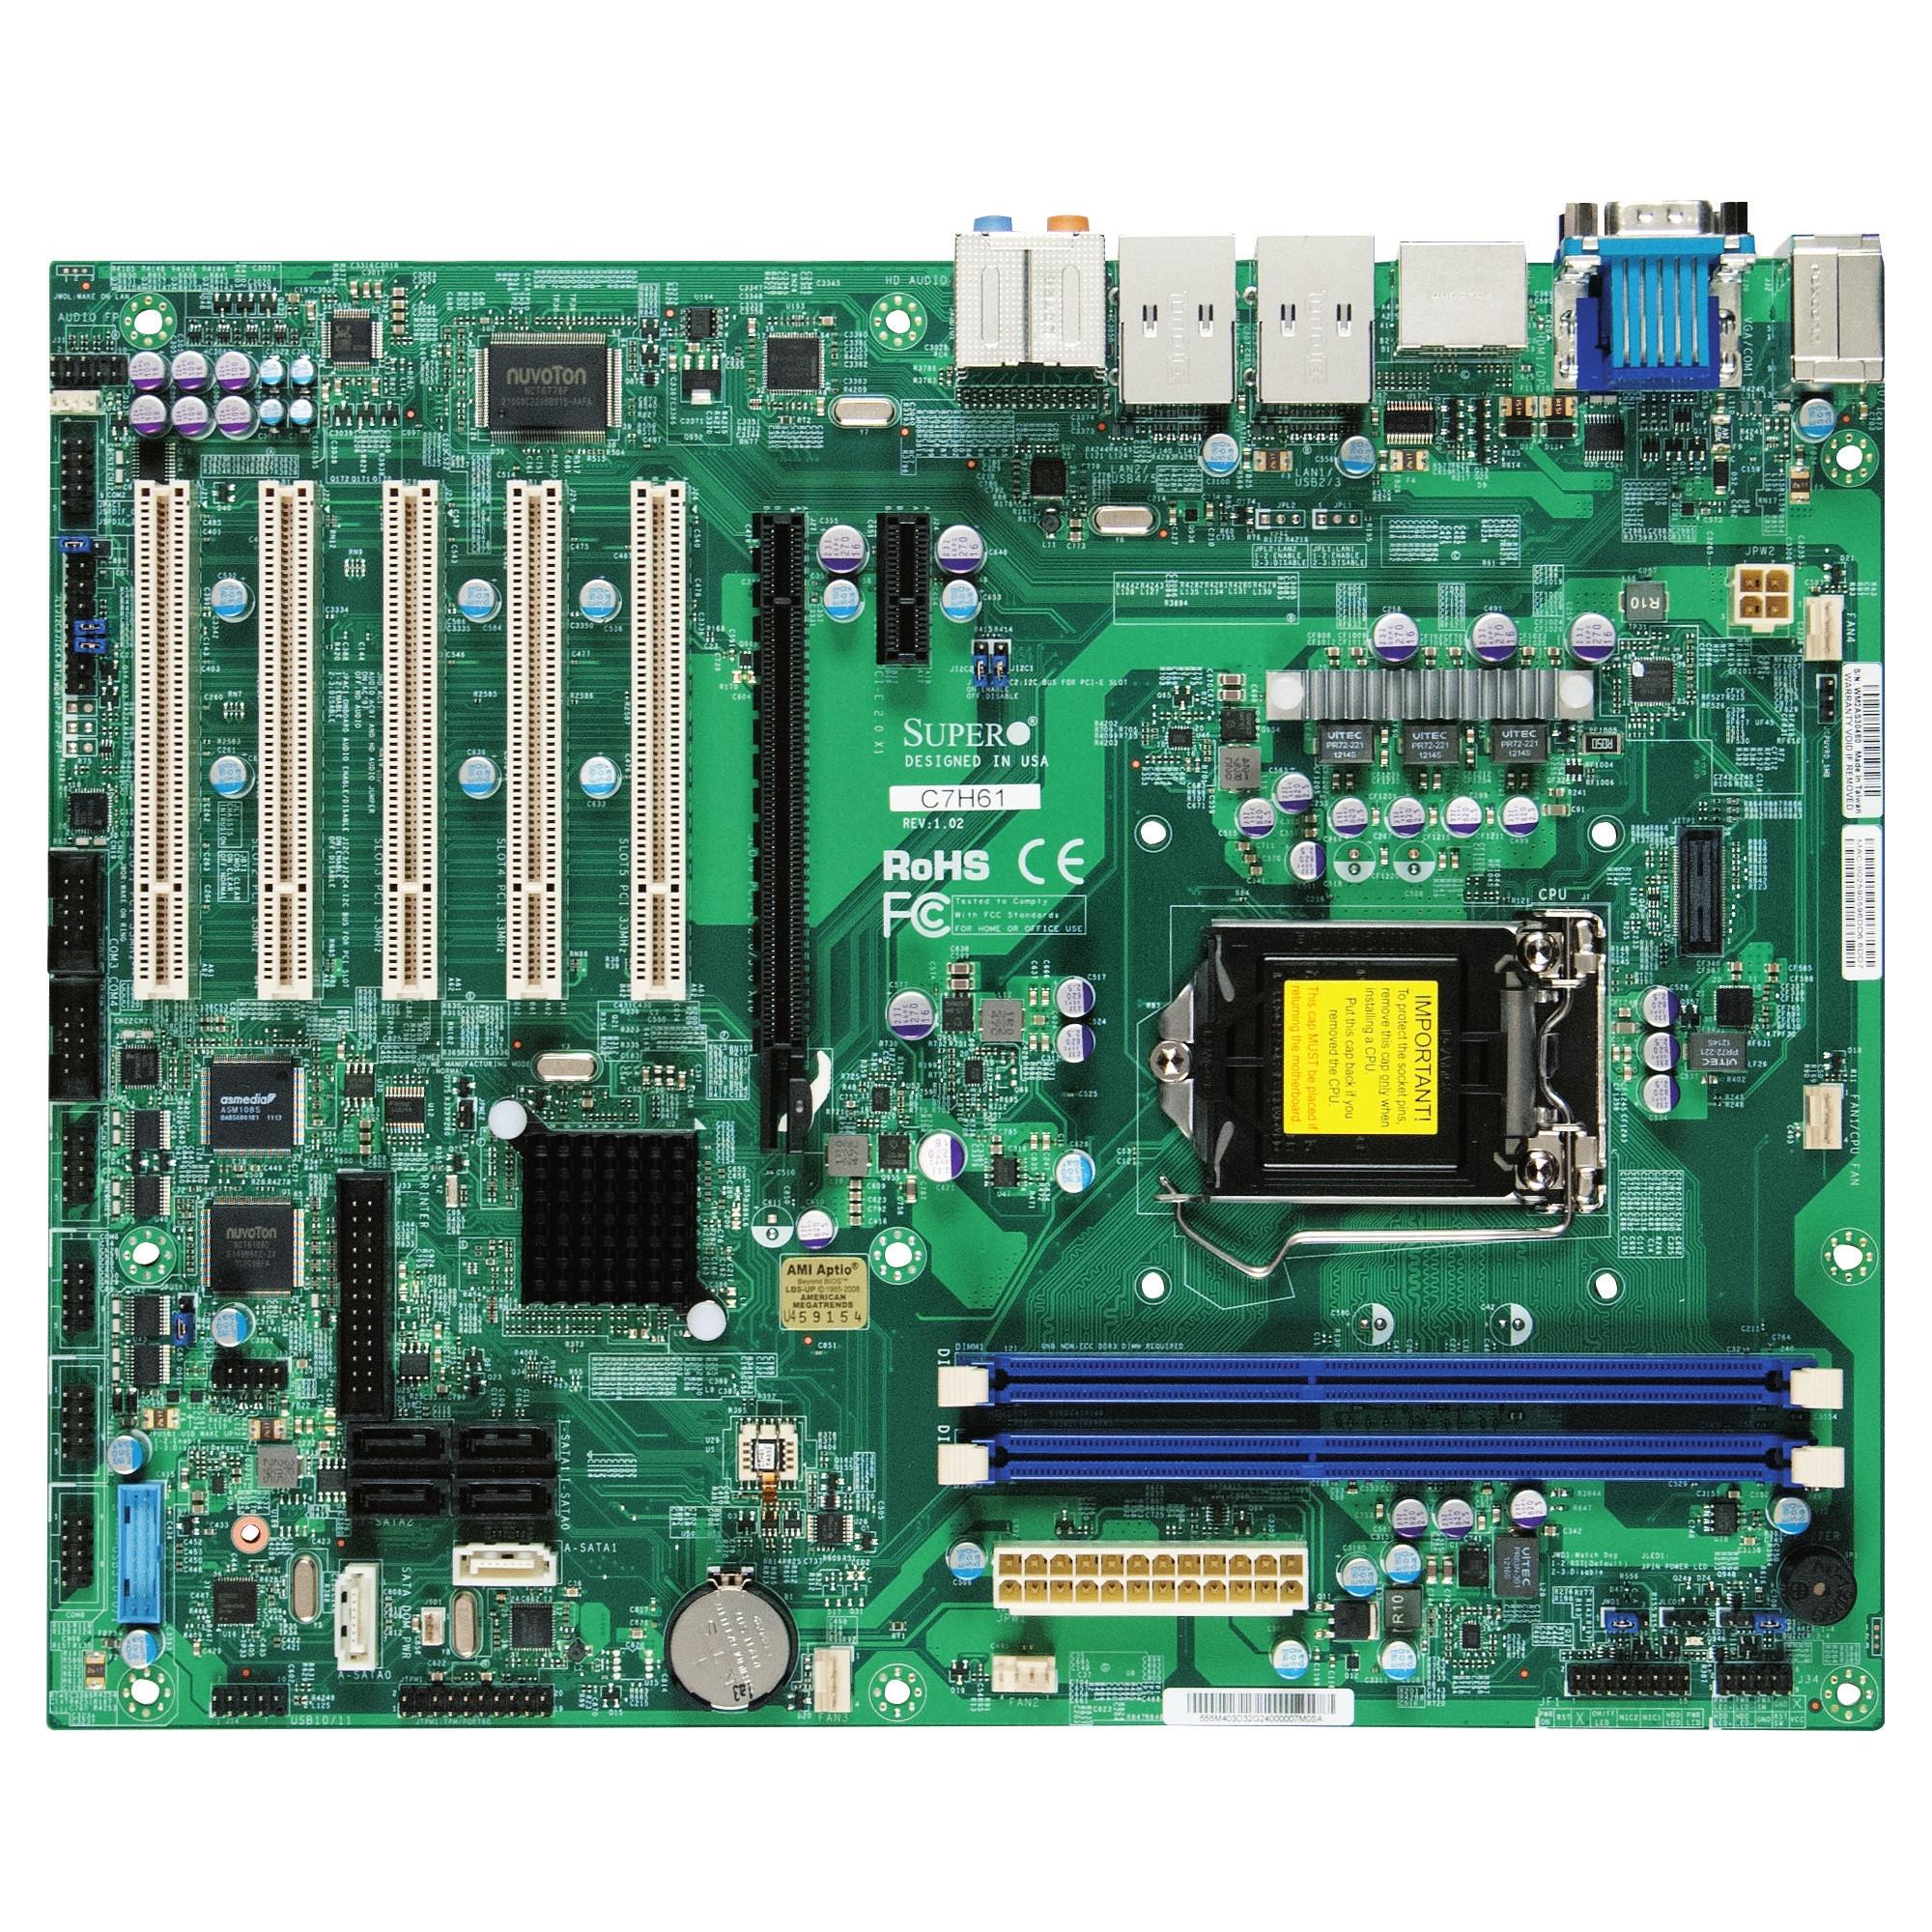 Super Micro C7H61 - motherboard - ATX - LGA1155 Socket - H61